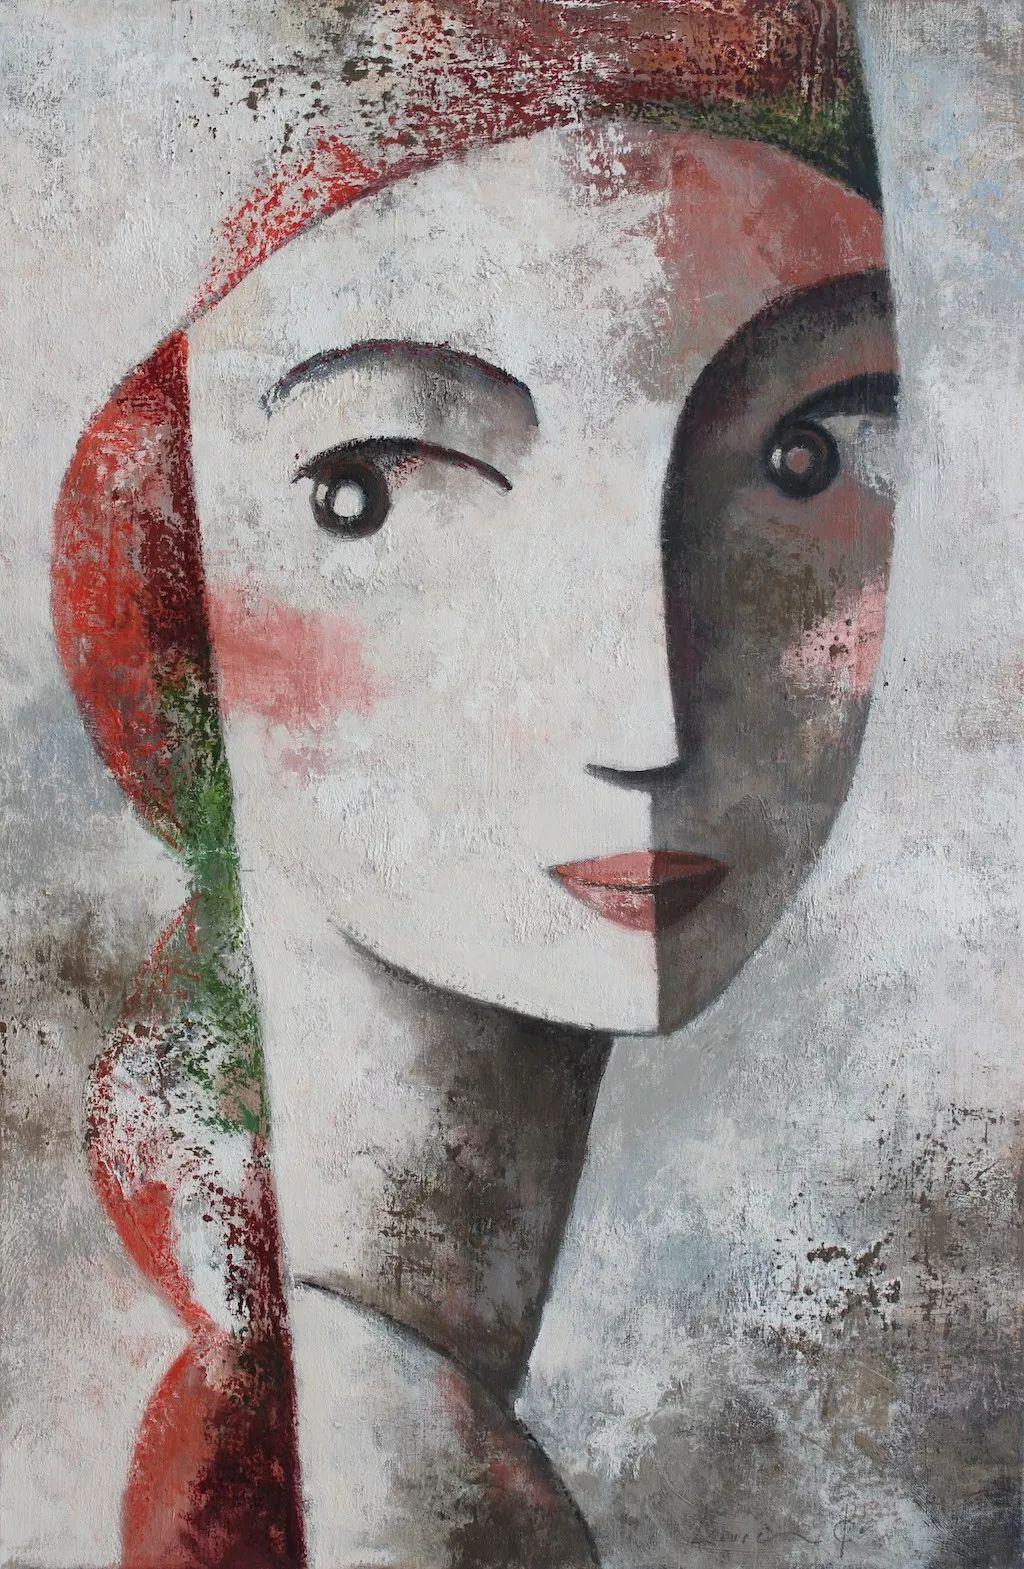 情感的表达,西班牙画家Didier Lourenço插图50